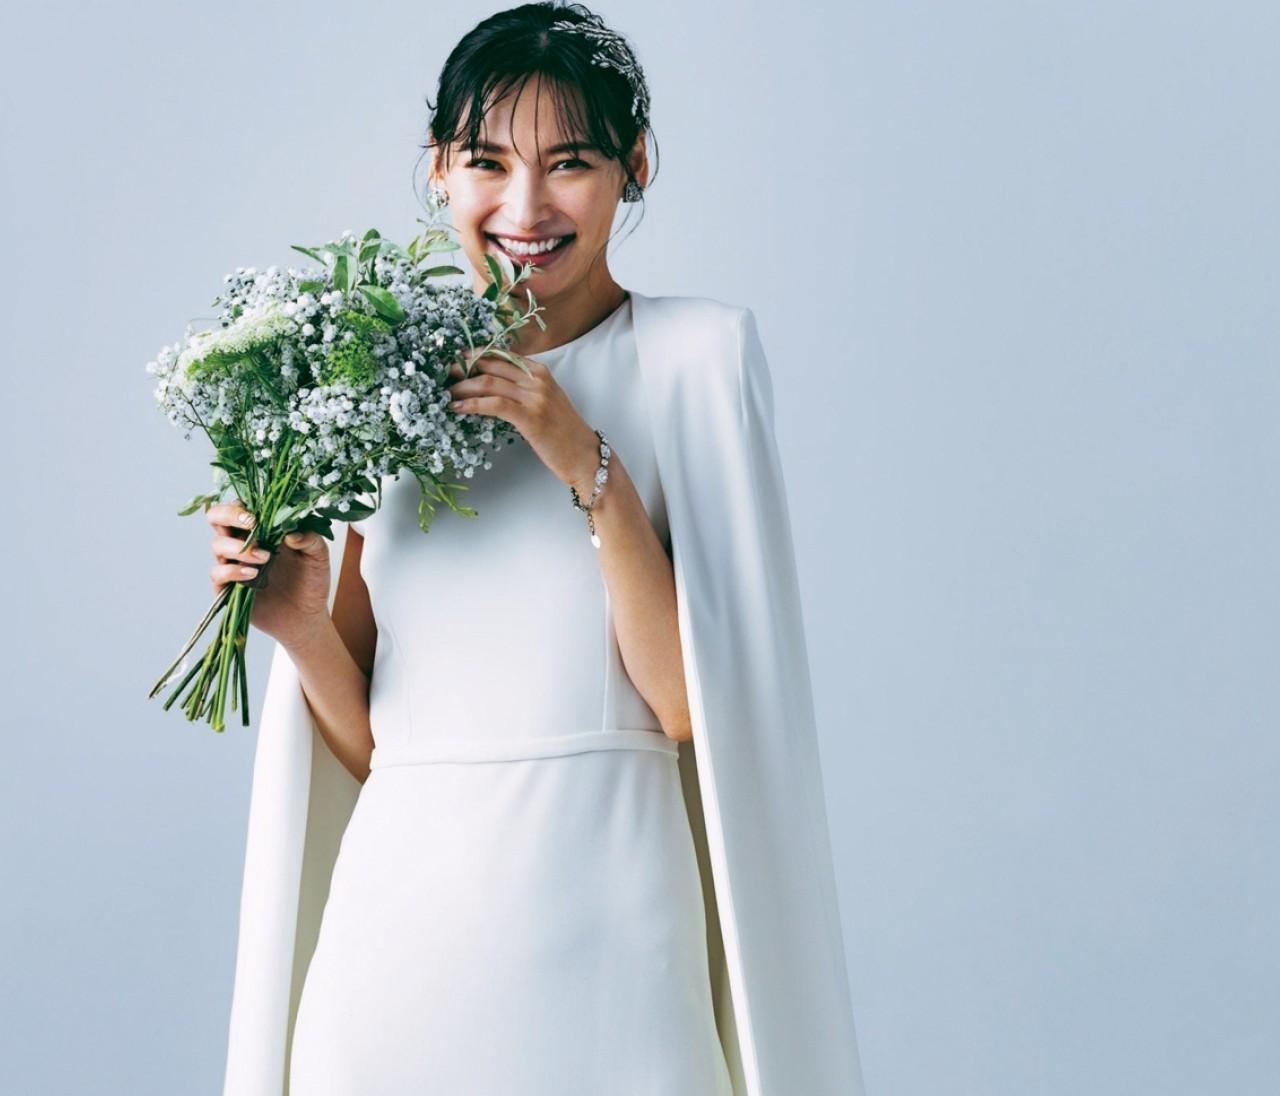 エレガントなドレスはビジュー小物で華やかに盛るのが正解!【withコロナ時代の写真映えドレス2】